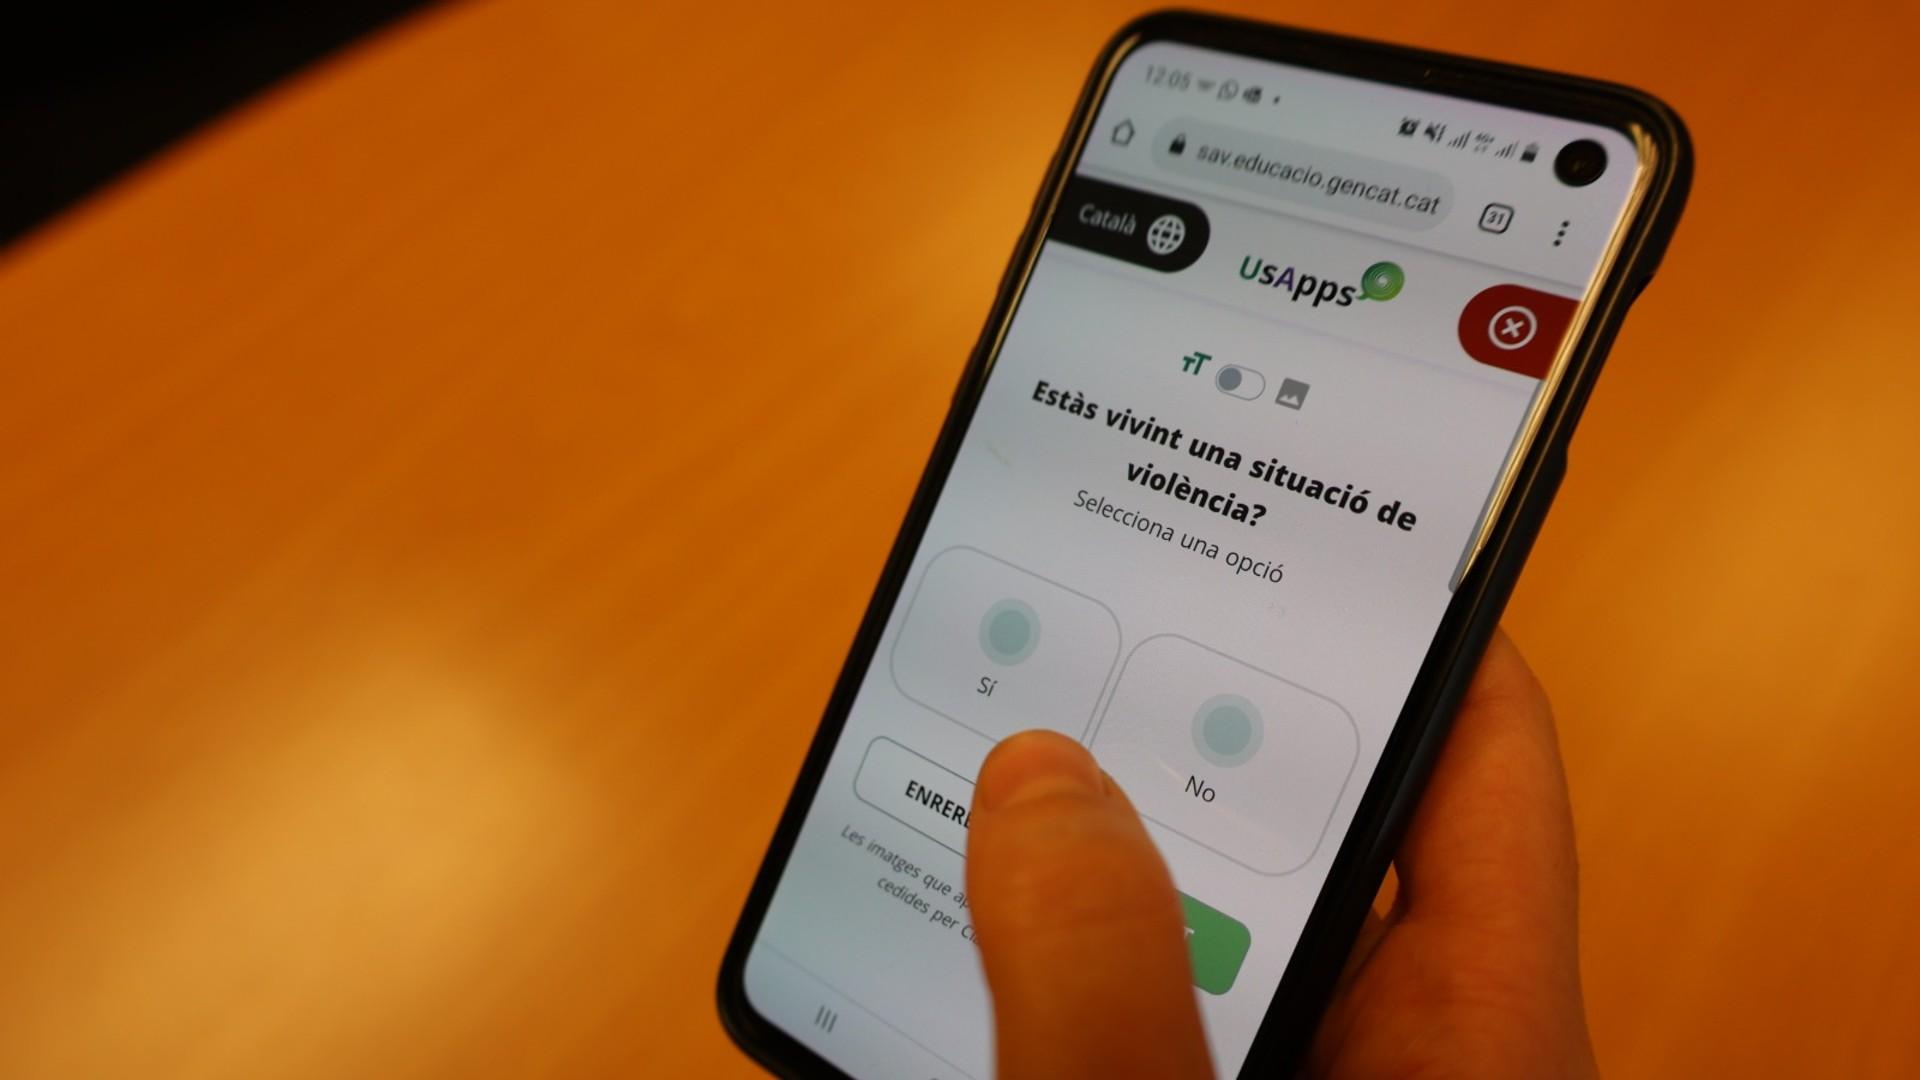 Educacio presenta web app per denunciar violències escoles